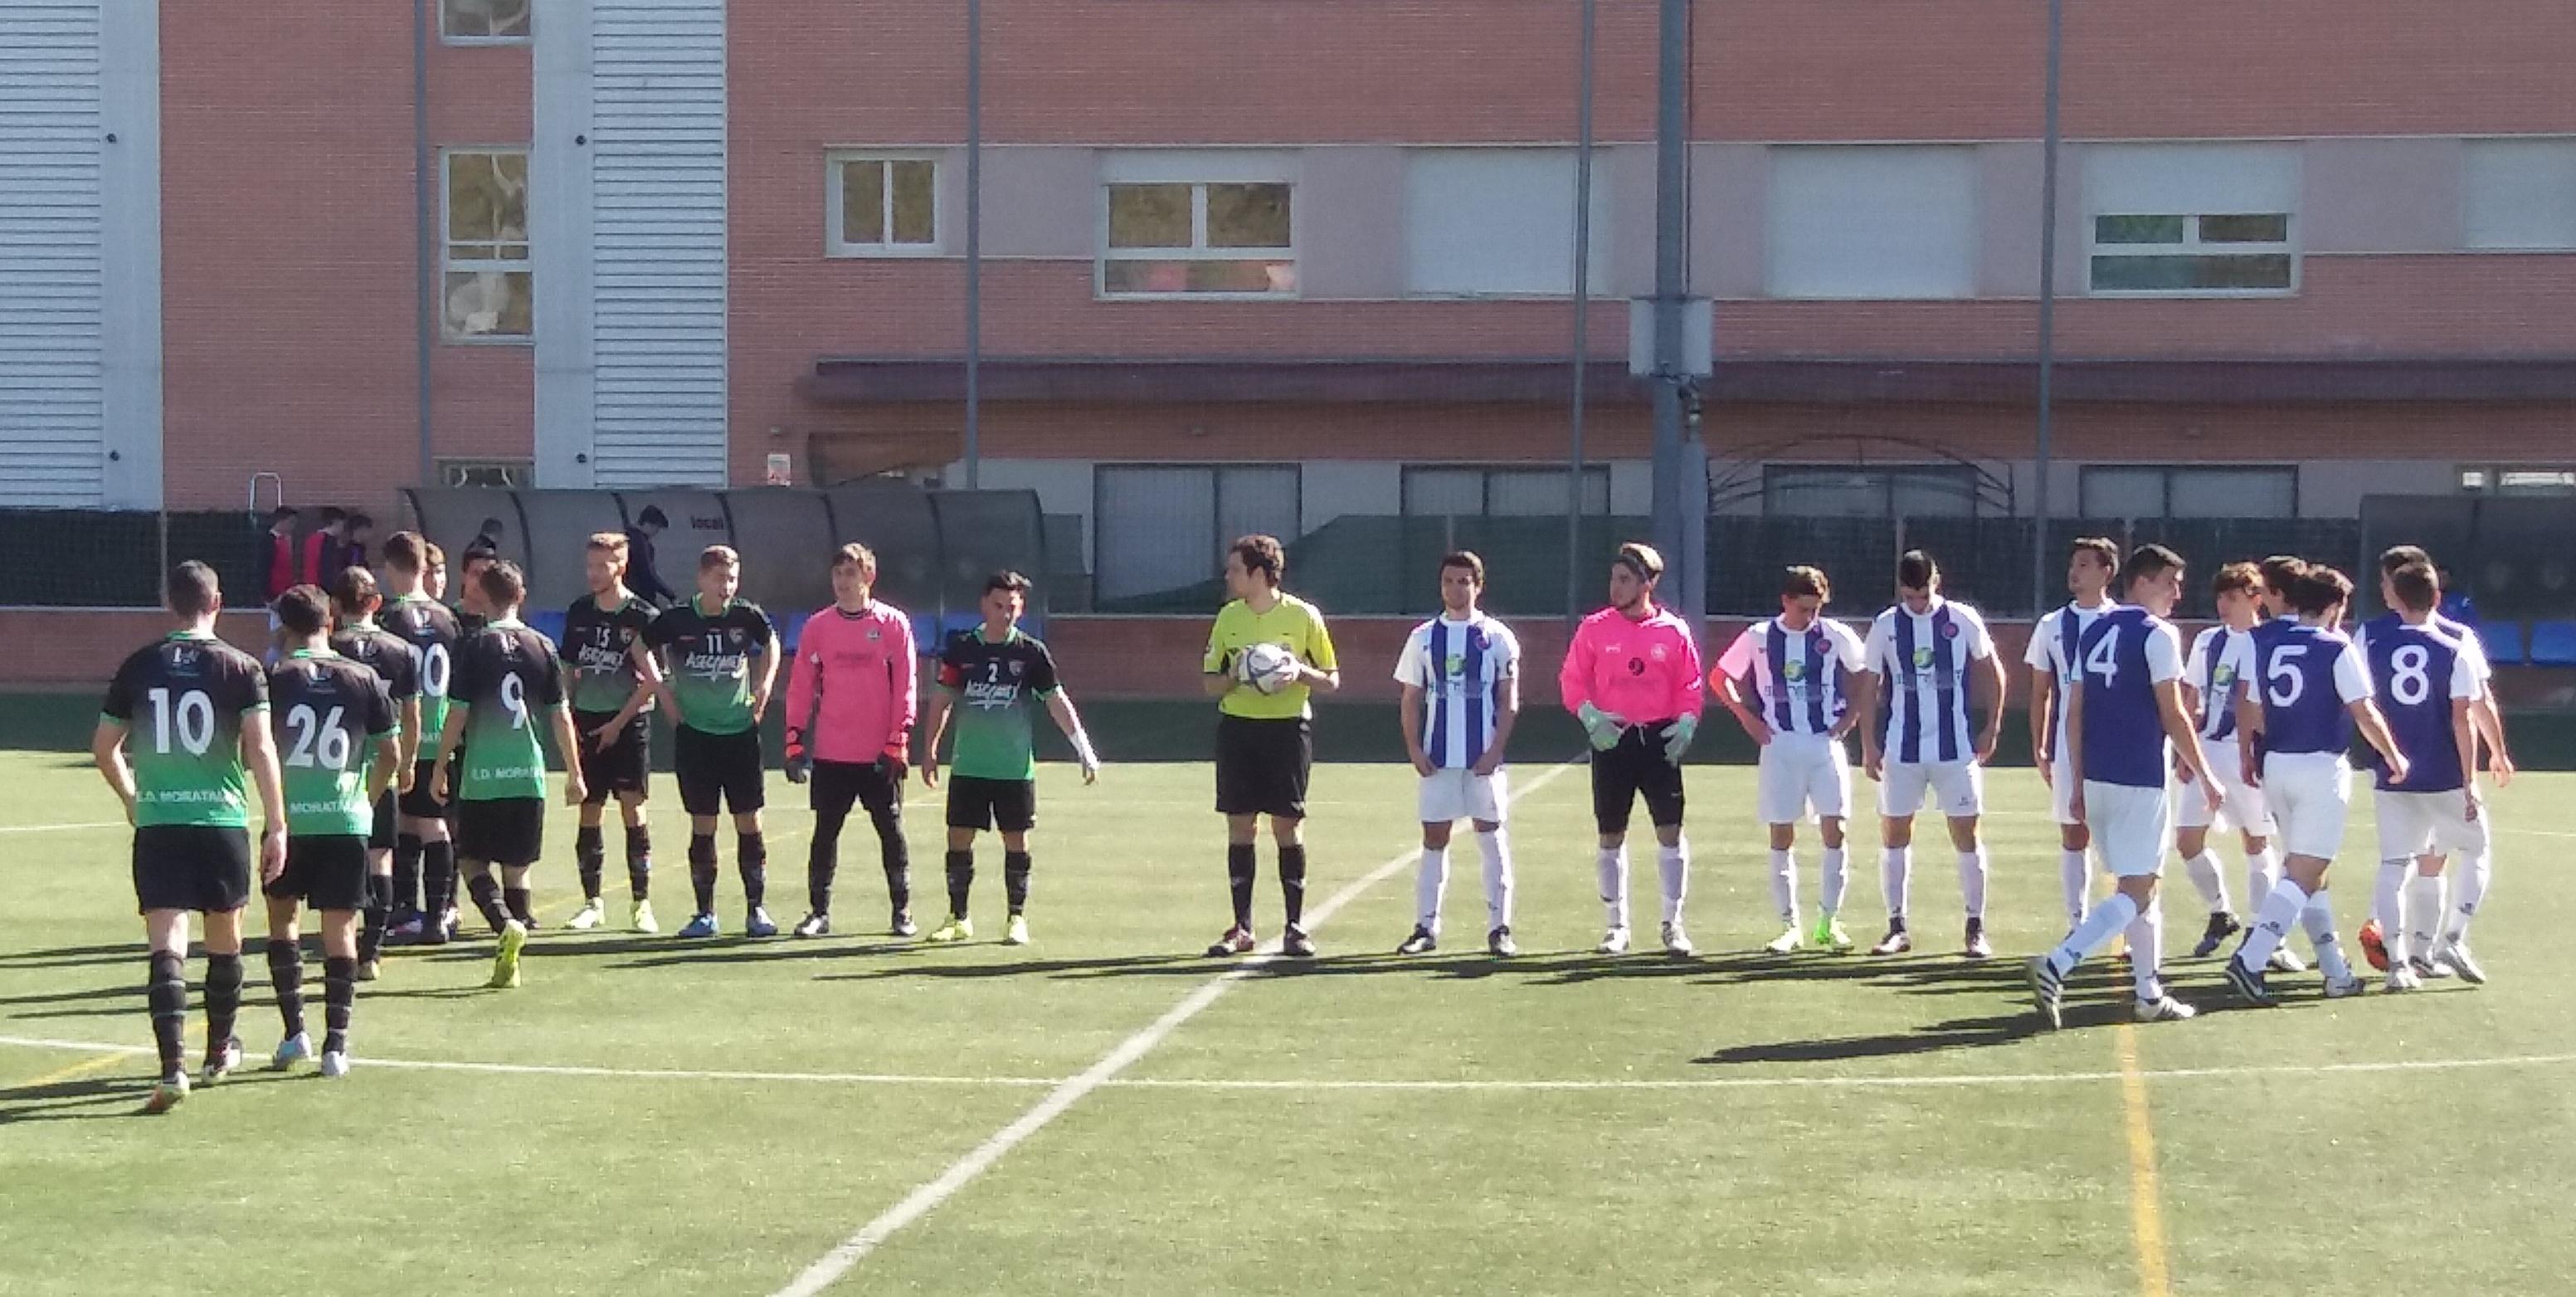 Crónica y fotos del partido Alameda de Osuna EF C 3-2 Juvenil C